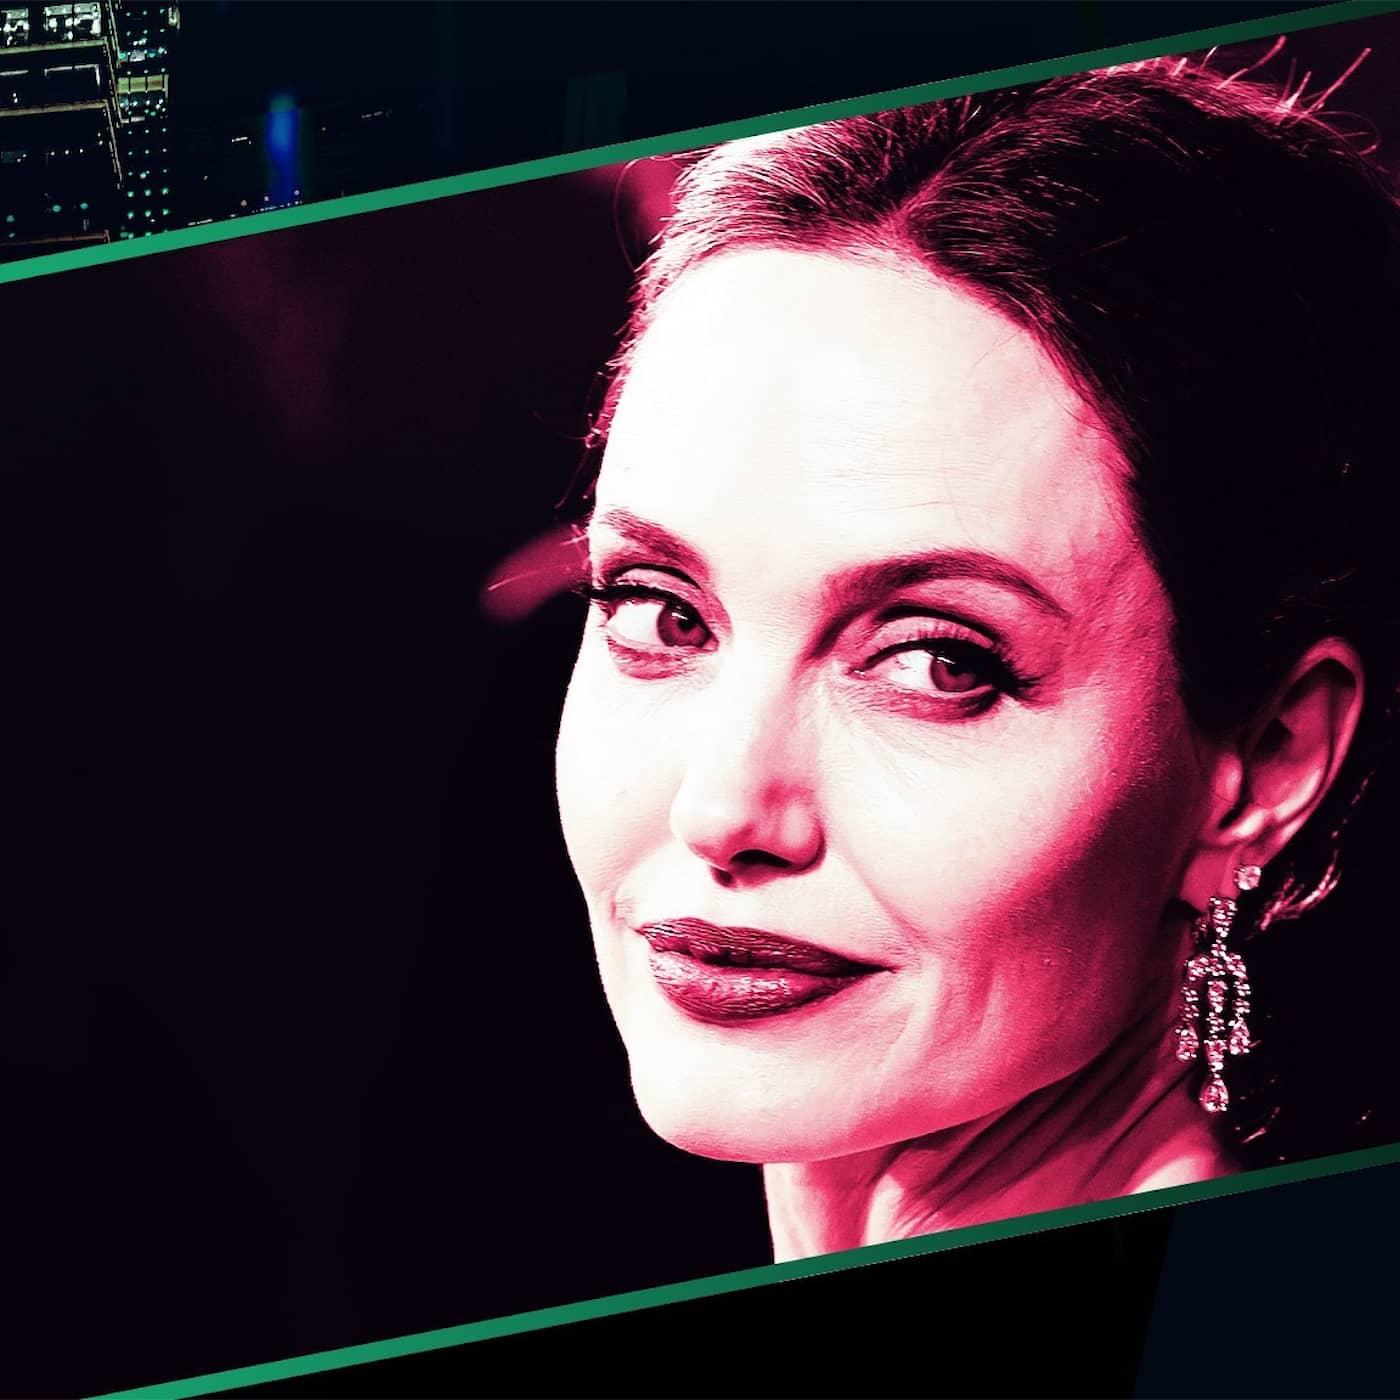 Angelina Jolie – Från Hollywoods problembarn till välgörande modersfigur